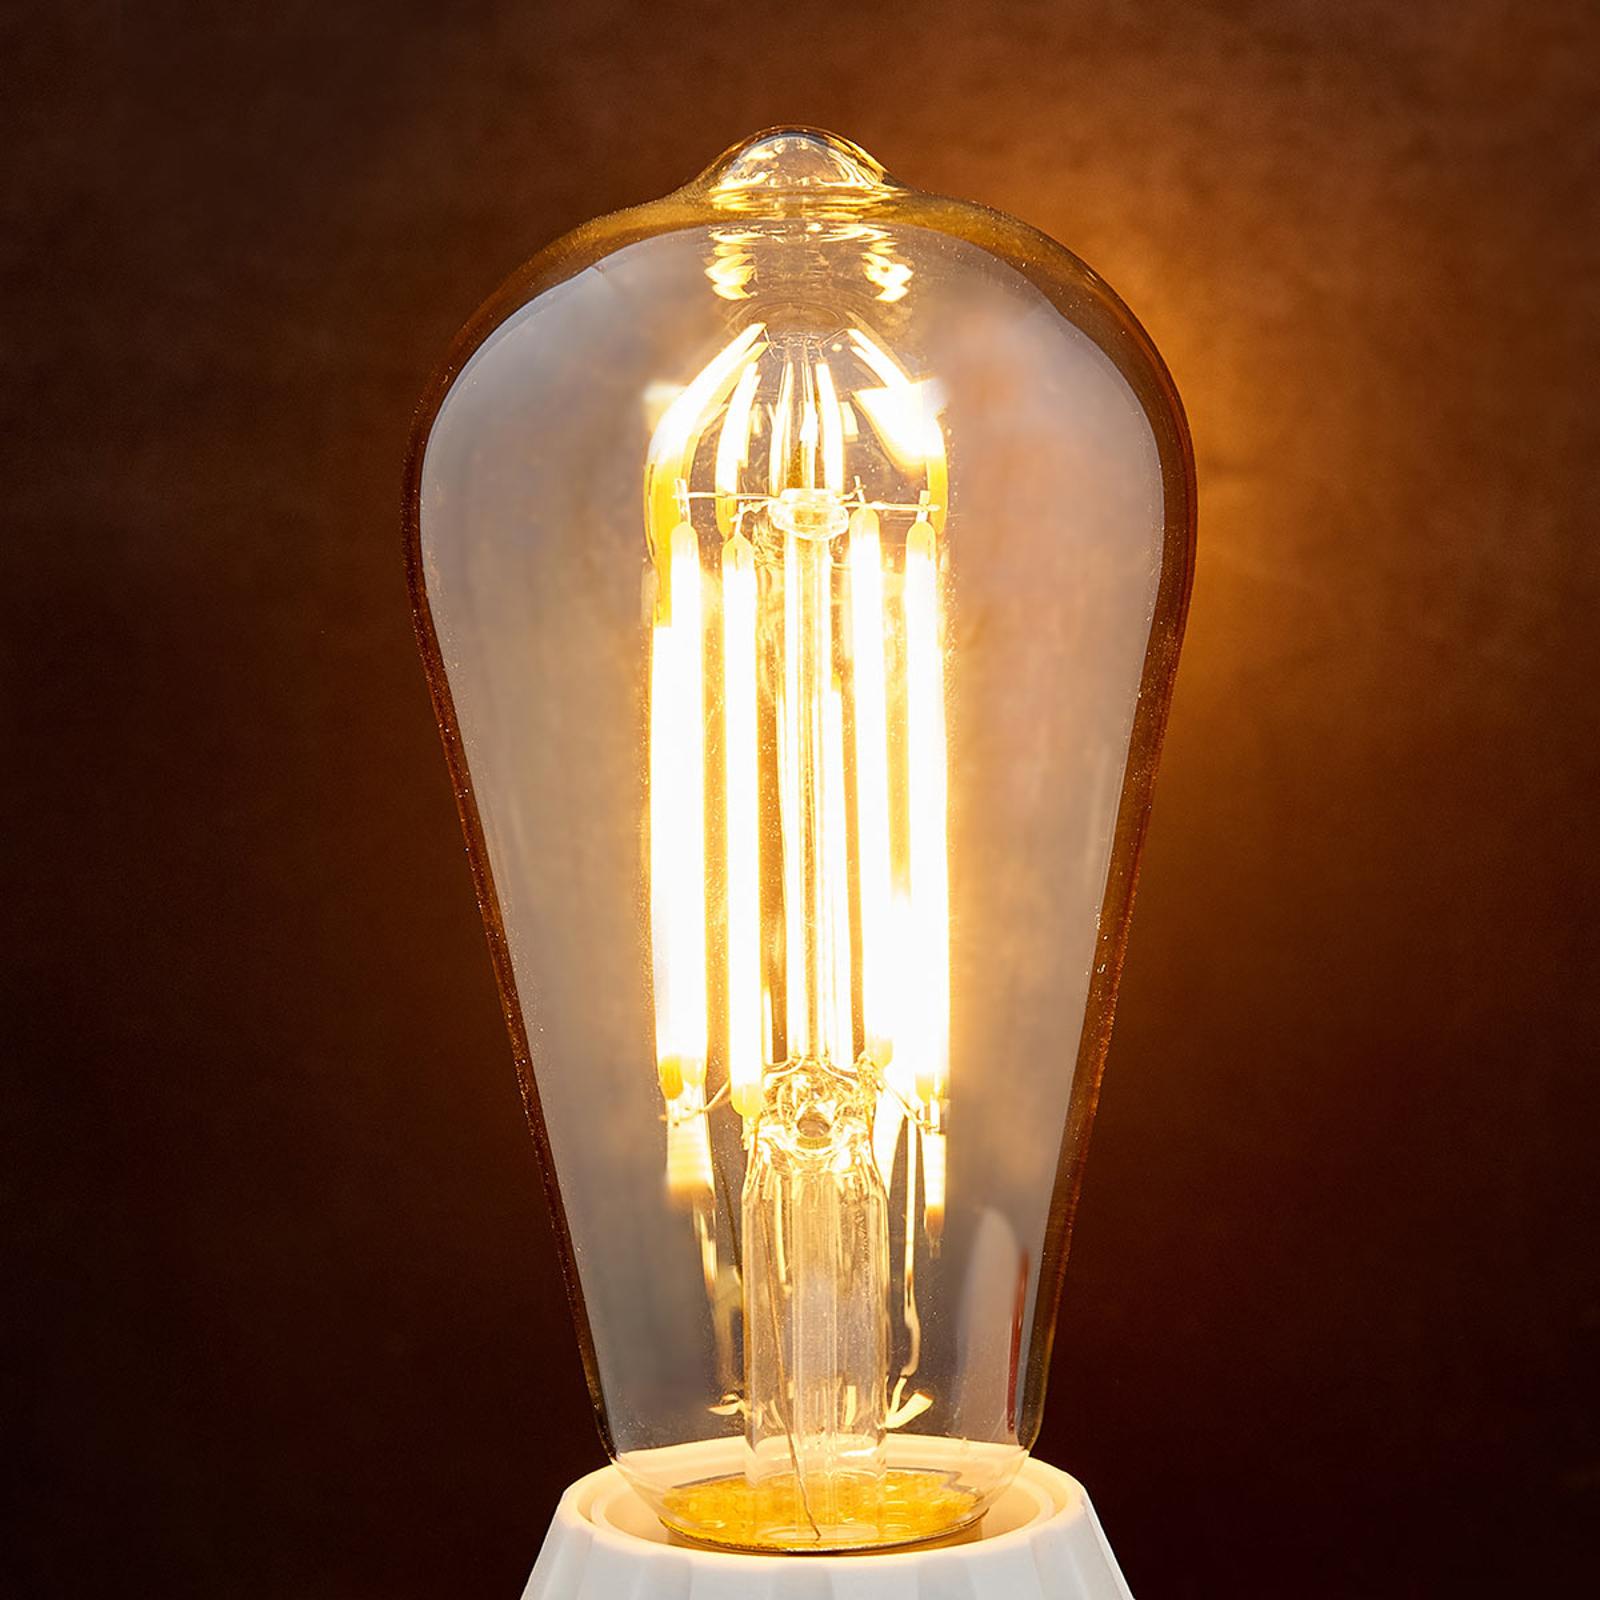 Lampadina rustica LED E27, 6W, 500lm, ambra